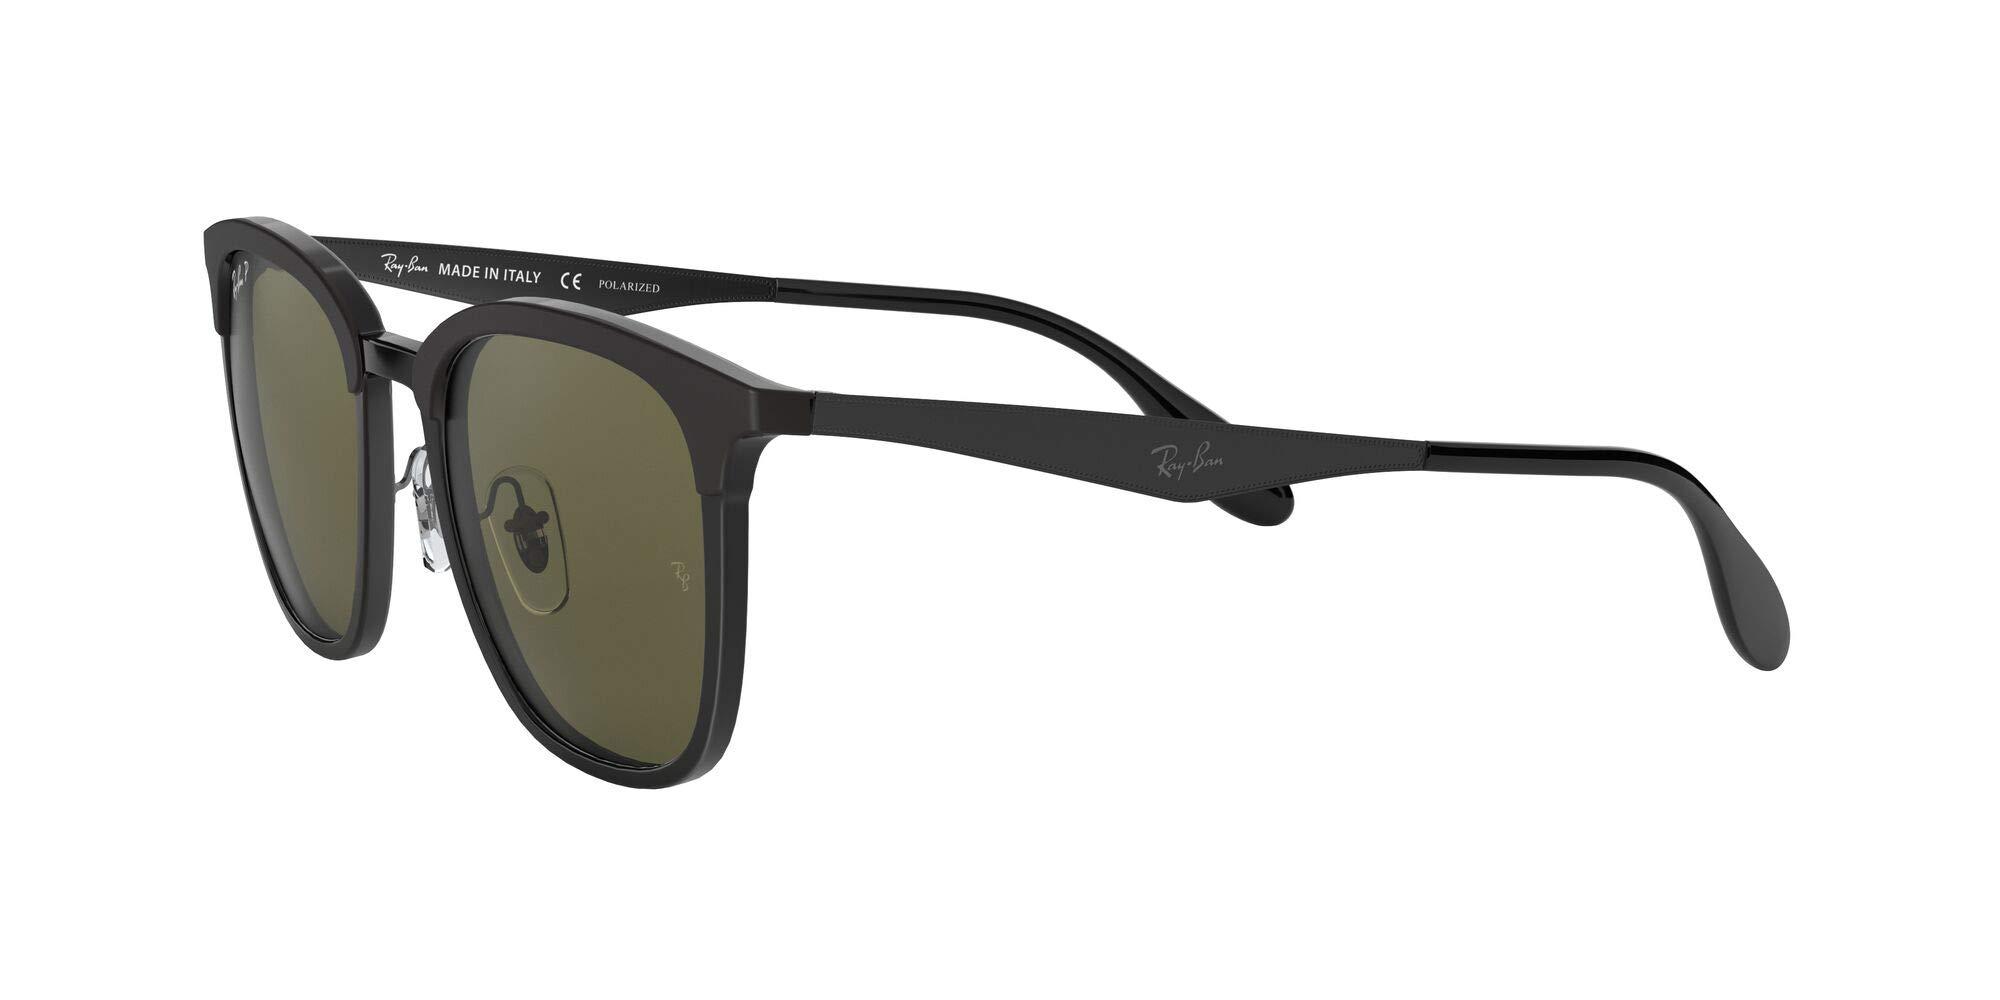 Ray-Ban Gafas de sol Unisex Adulto 4